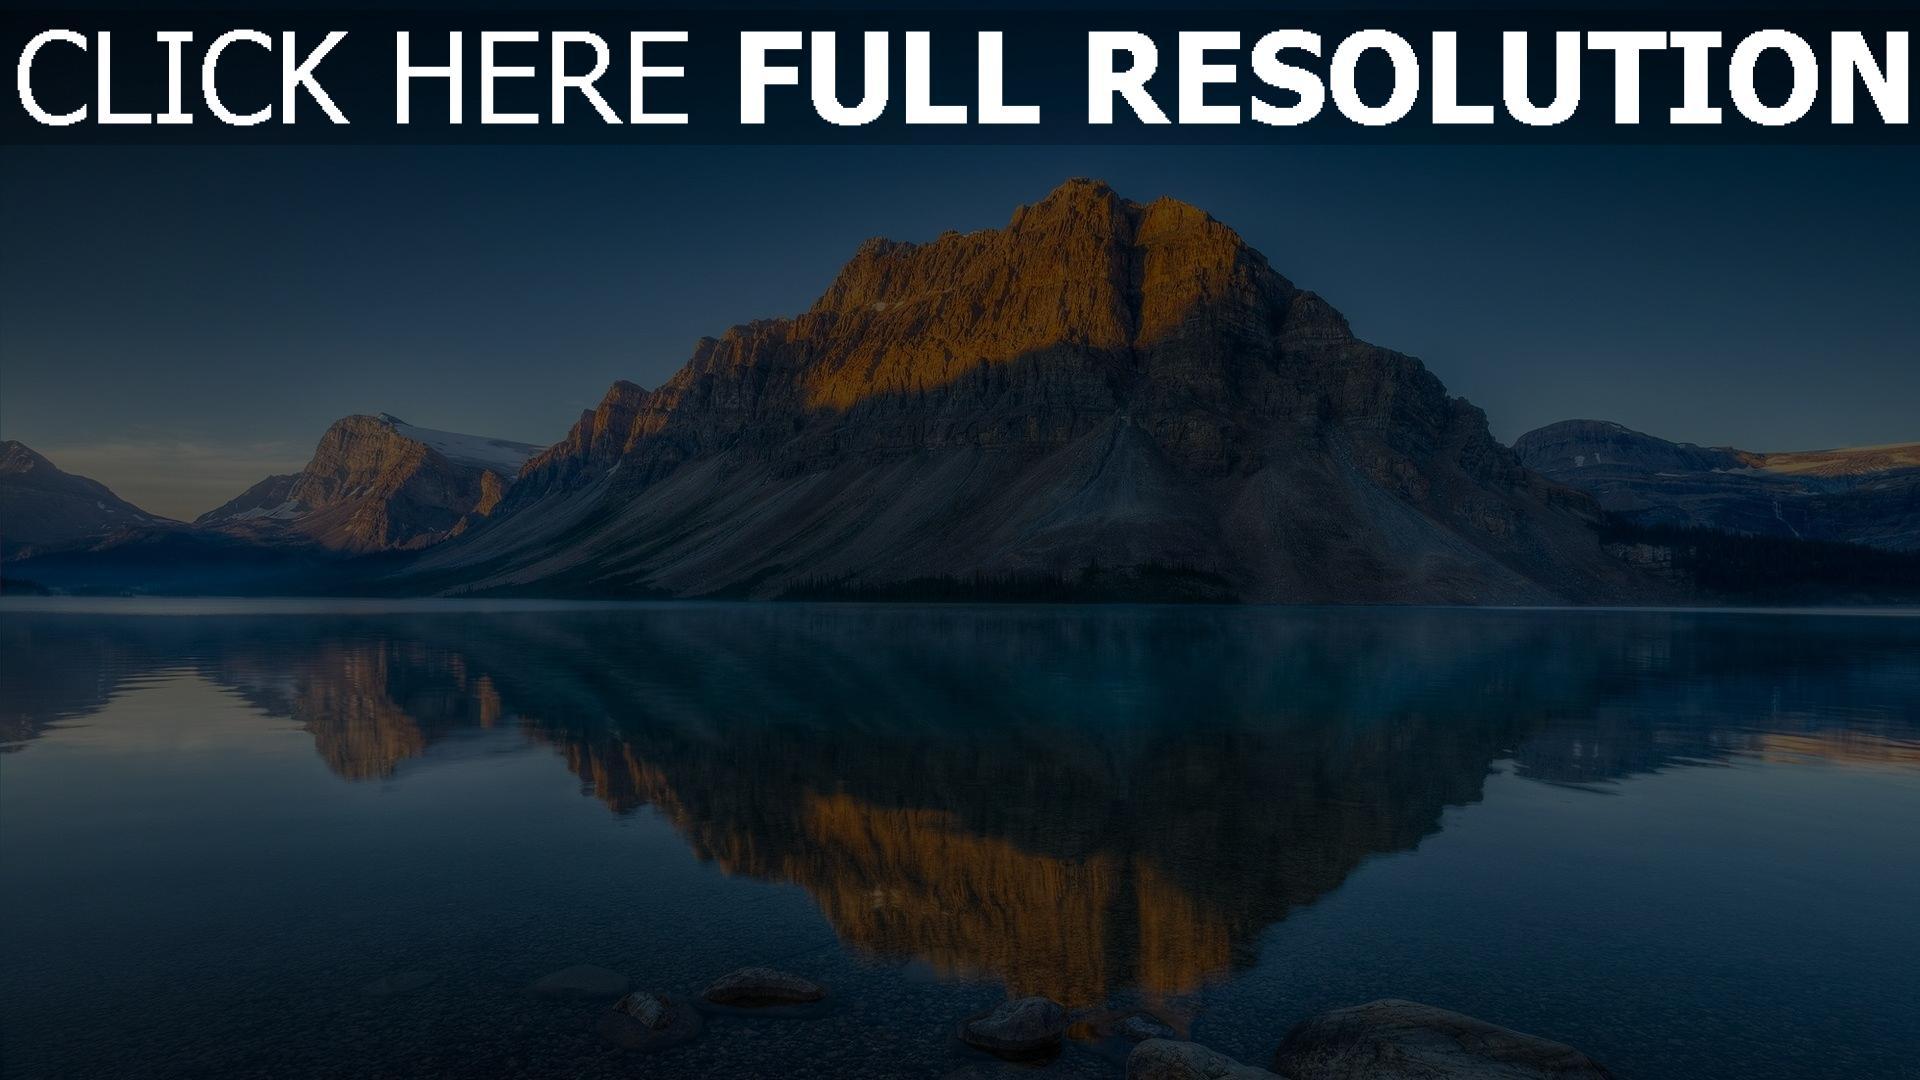 herunterladen 1920x1080 full hd hintergrundbilder berge felsen see spiegelung wasser 1080p